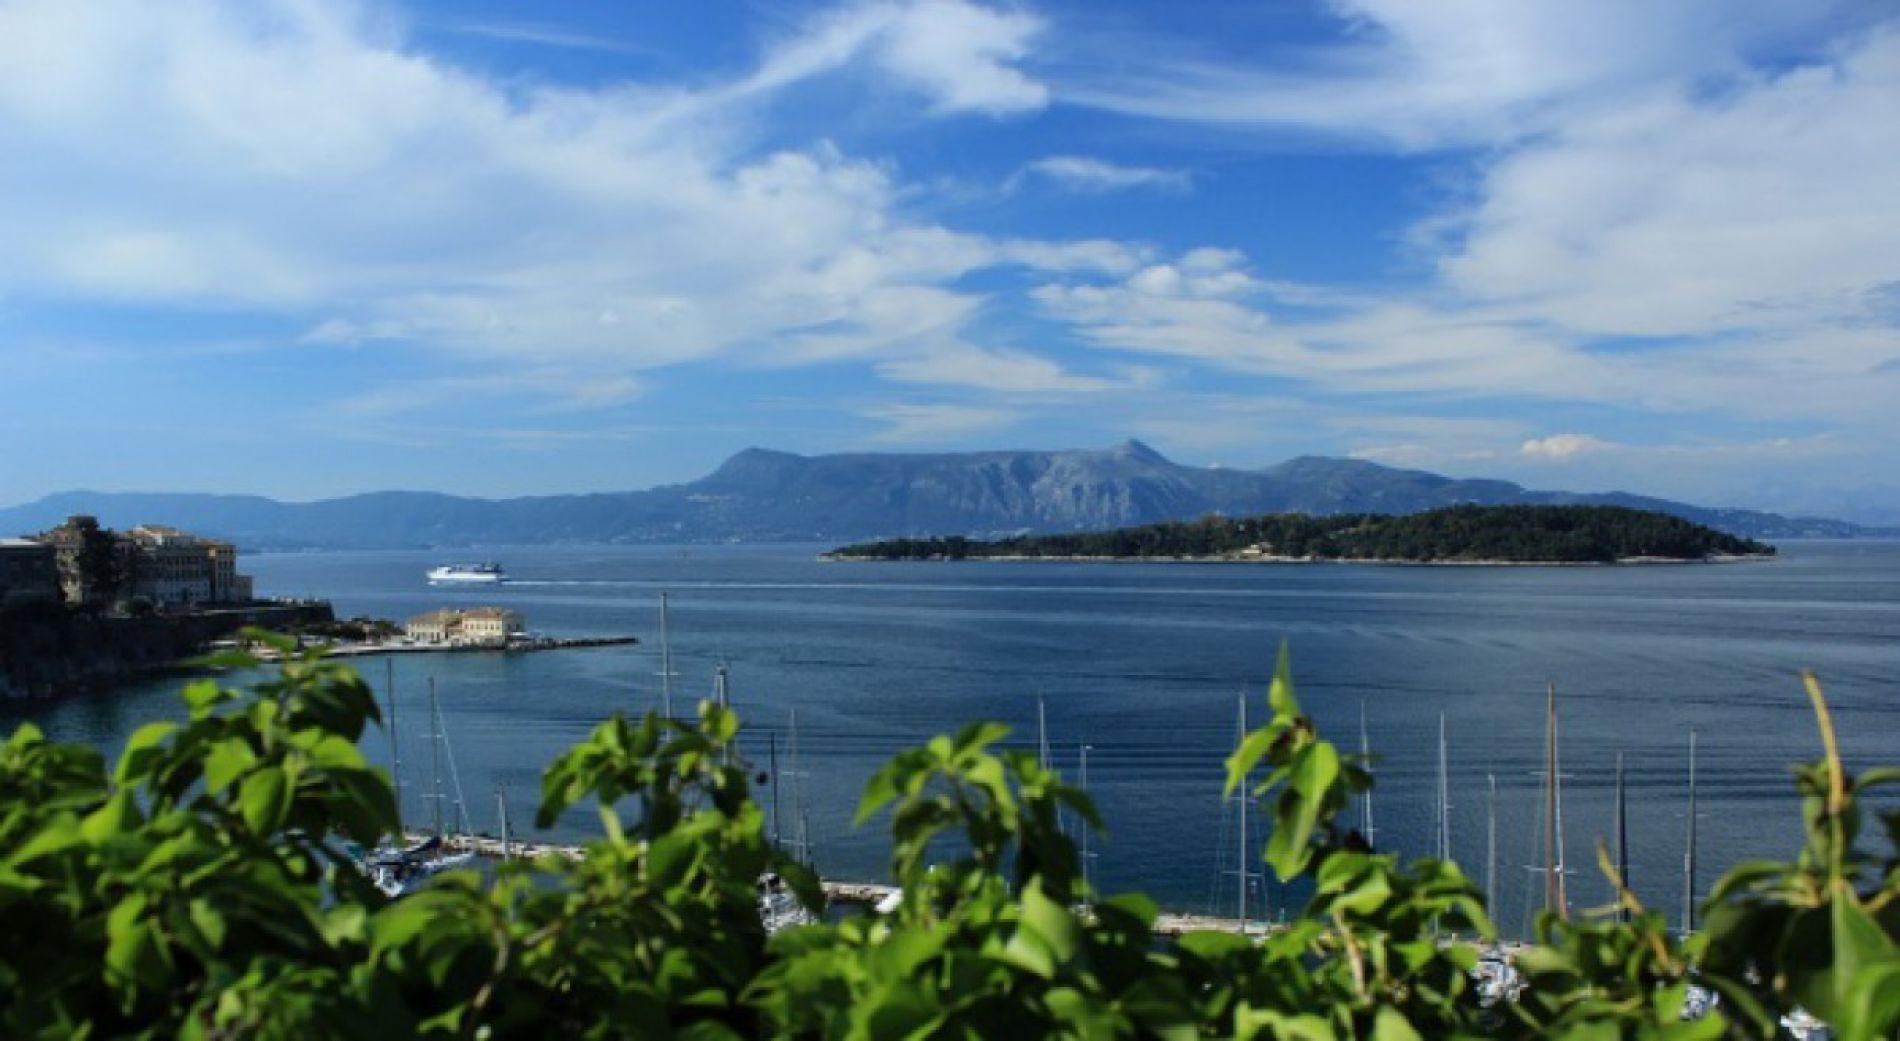 Болгарские туристы заблокированы на острове Самофракия из-за остановленных паромов